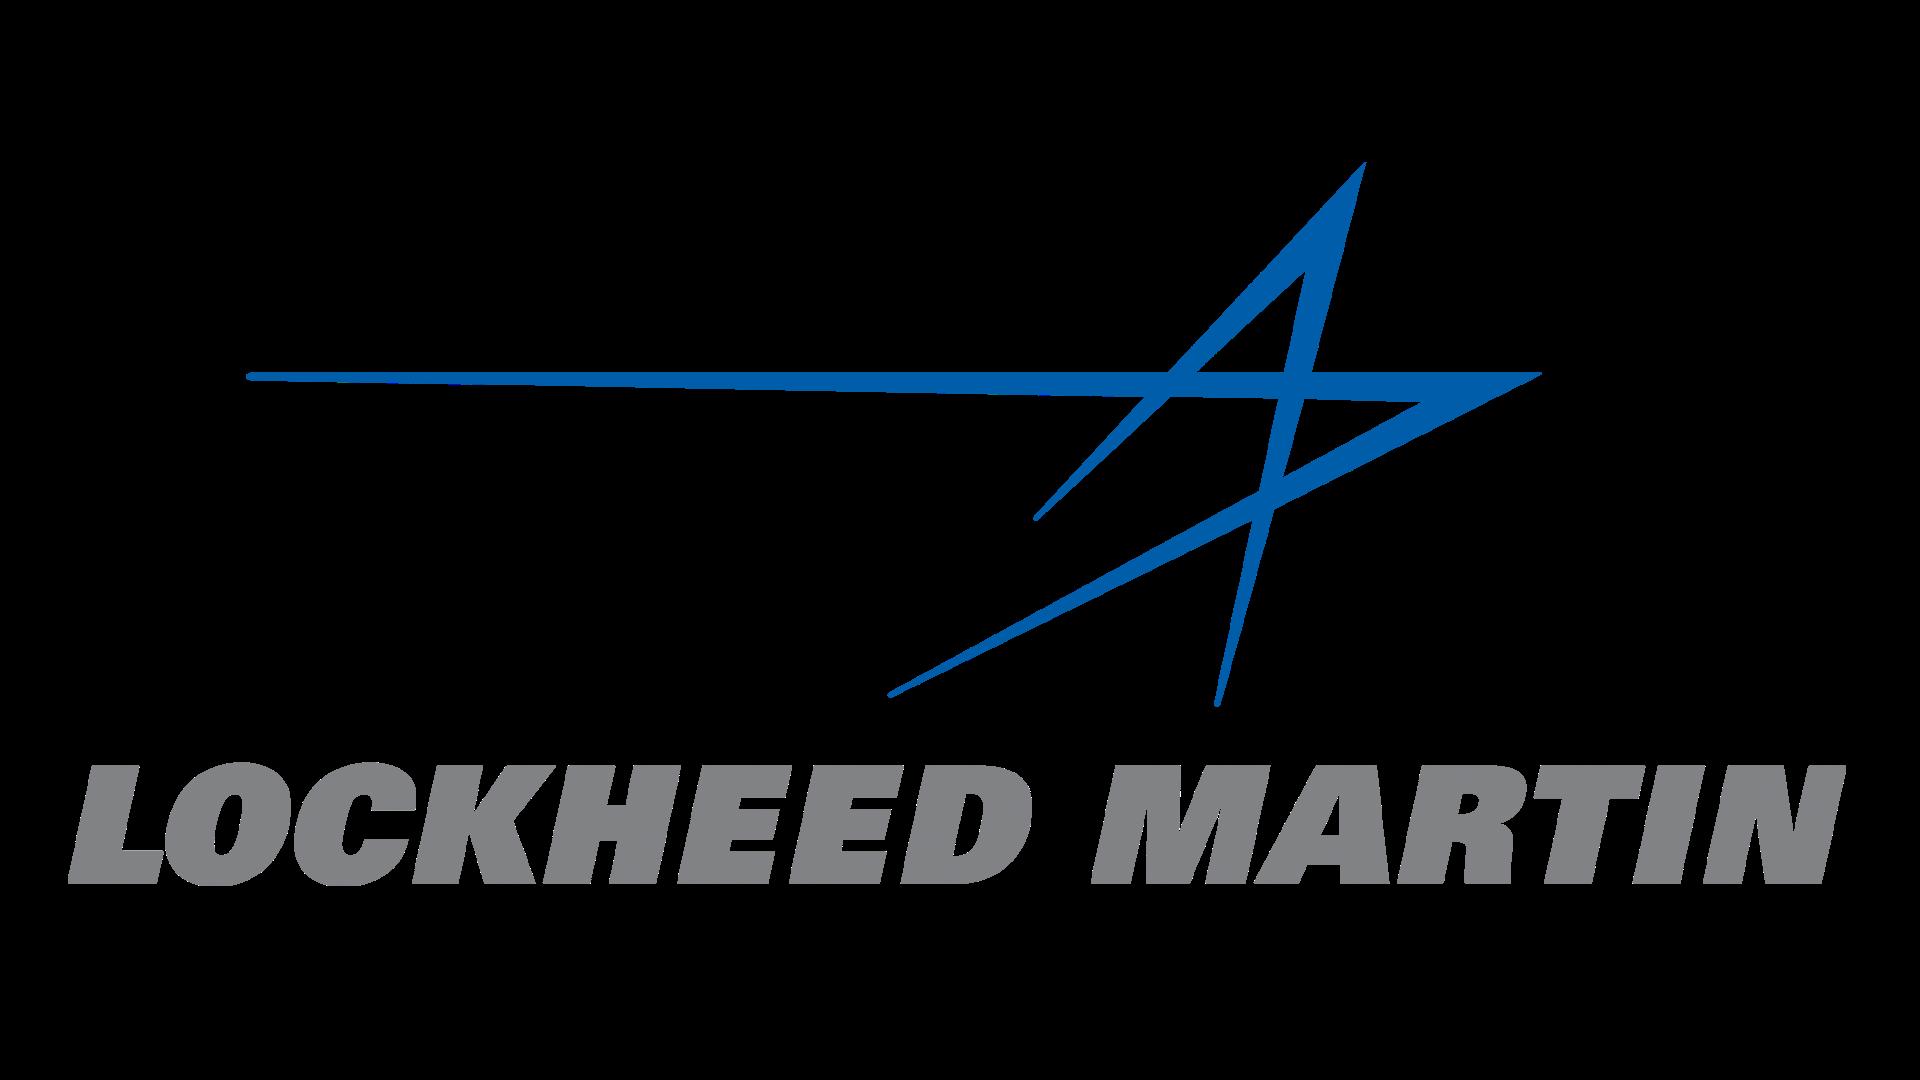 Lockheed Martin Space Systems Company